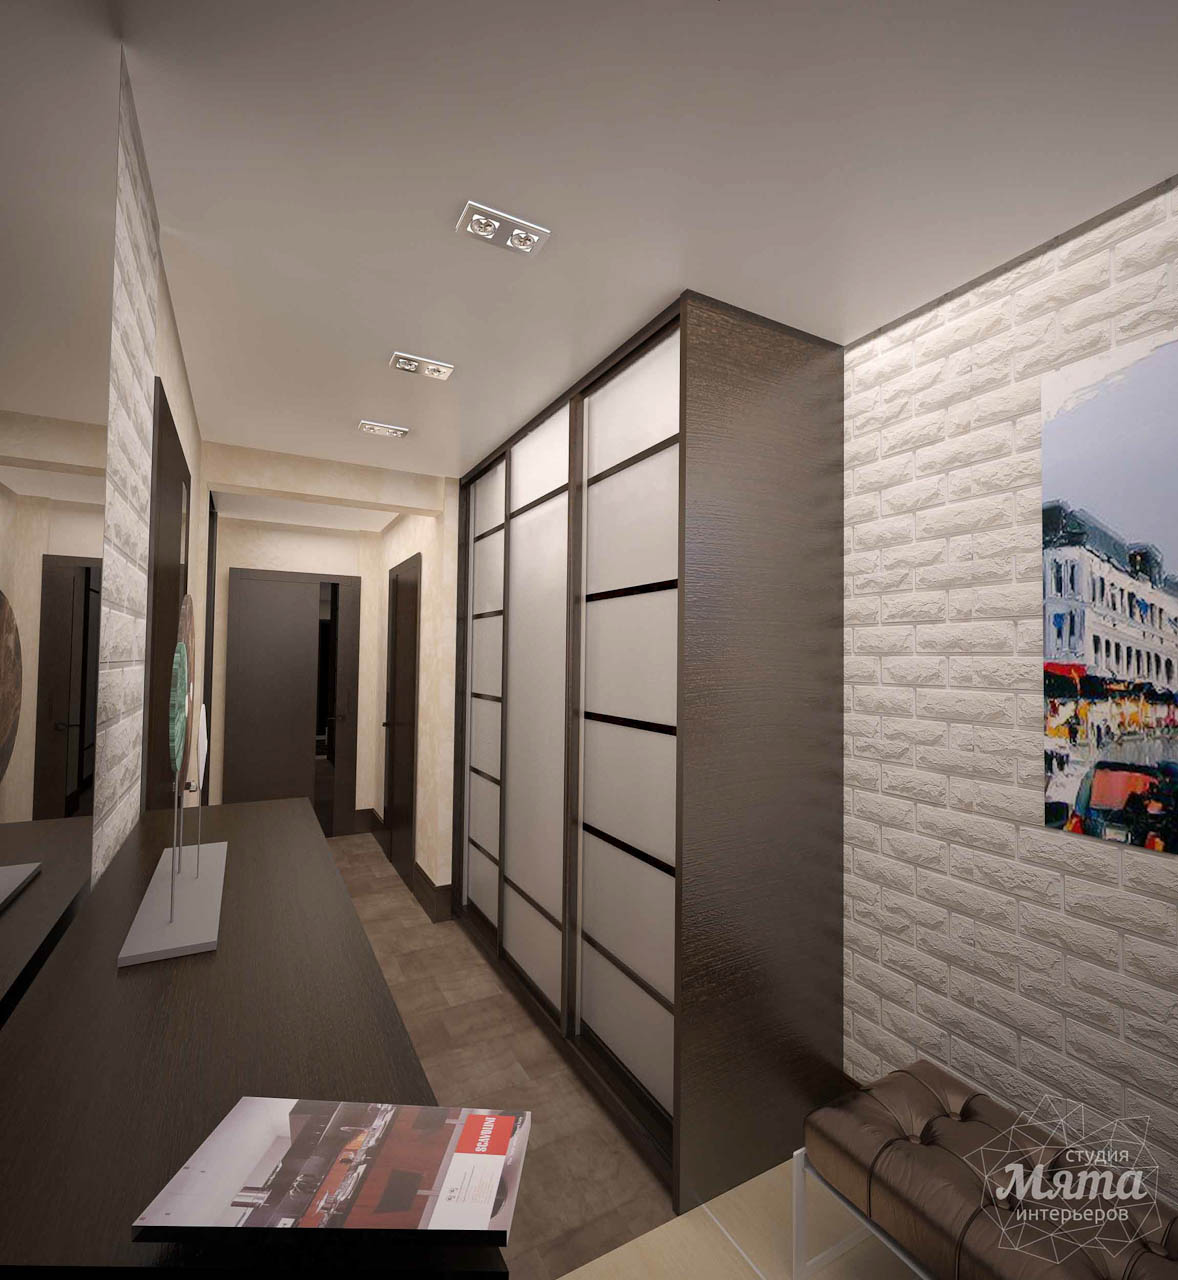 Дизайн интерьера трехкомнатной квартиры по ул. Белинского 222 img831724431